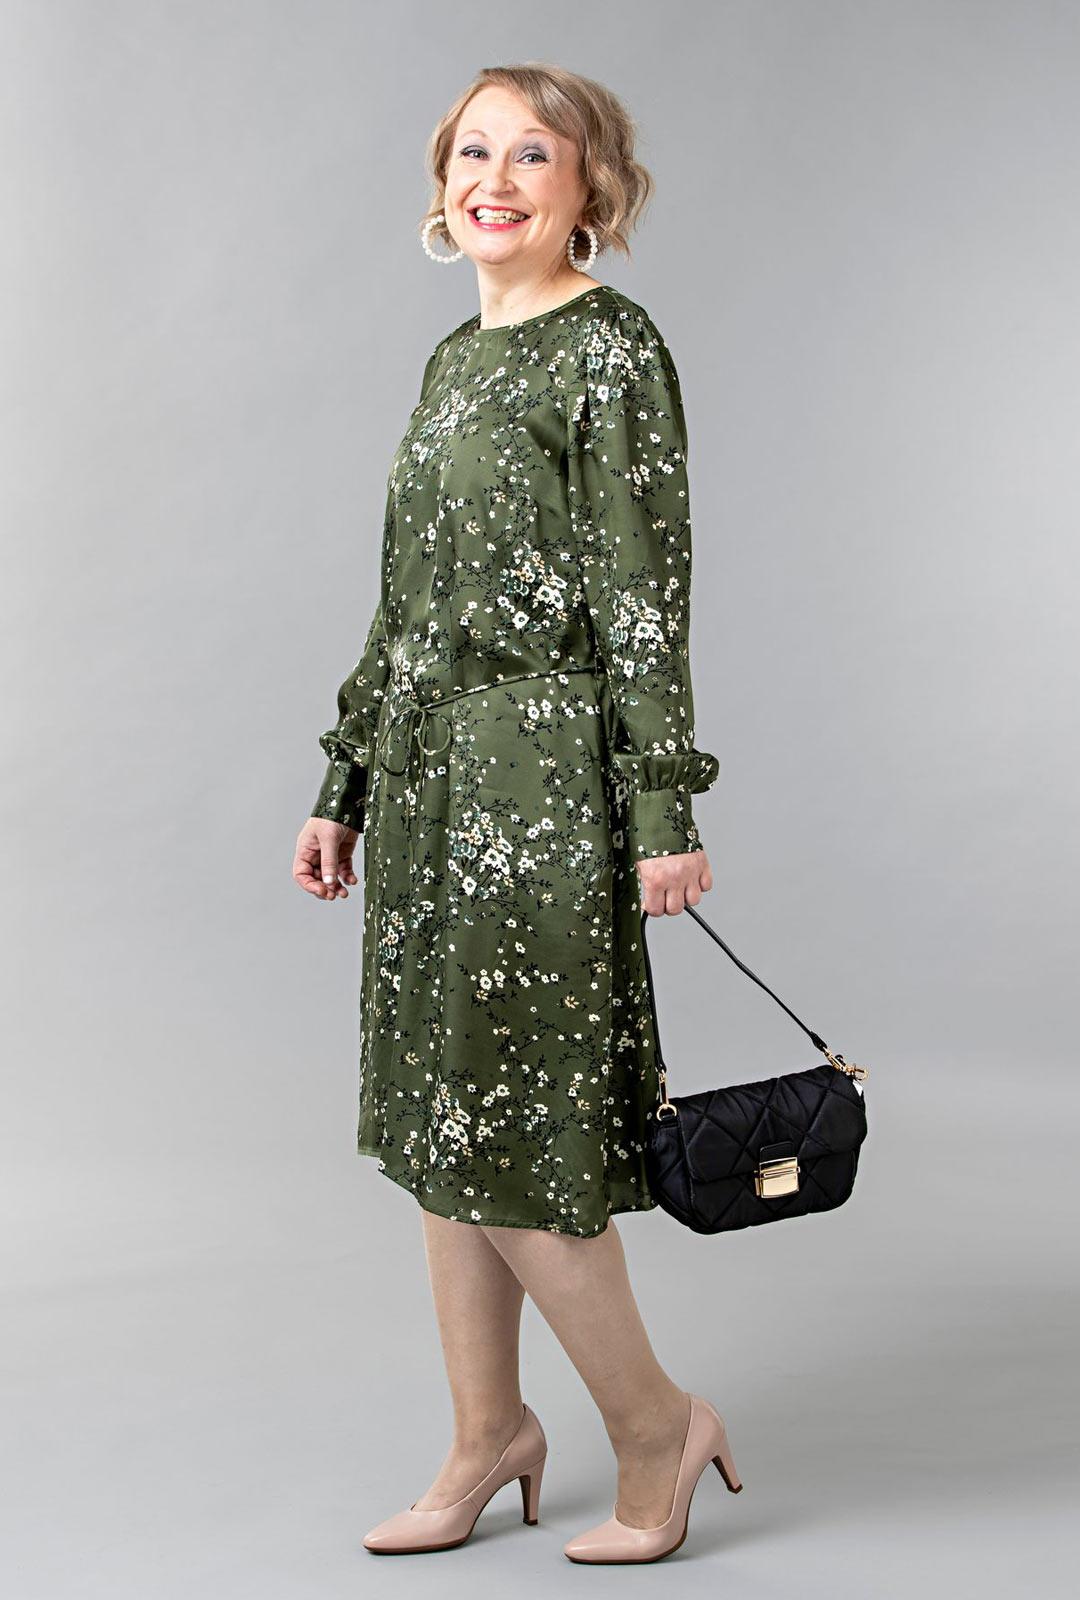 Musta on suosittu juhlaväri. Jos haluat erottua joukosta, pukeudu vaihteeksi vihreään. Viskoosisatiini laskeutuu kauniisti päällä. Mekossa on levenevä helma ja hartialinjaa korostavat hihapoimutukset.